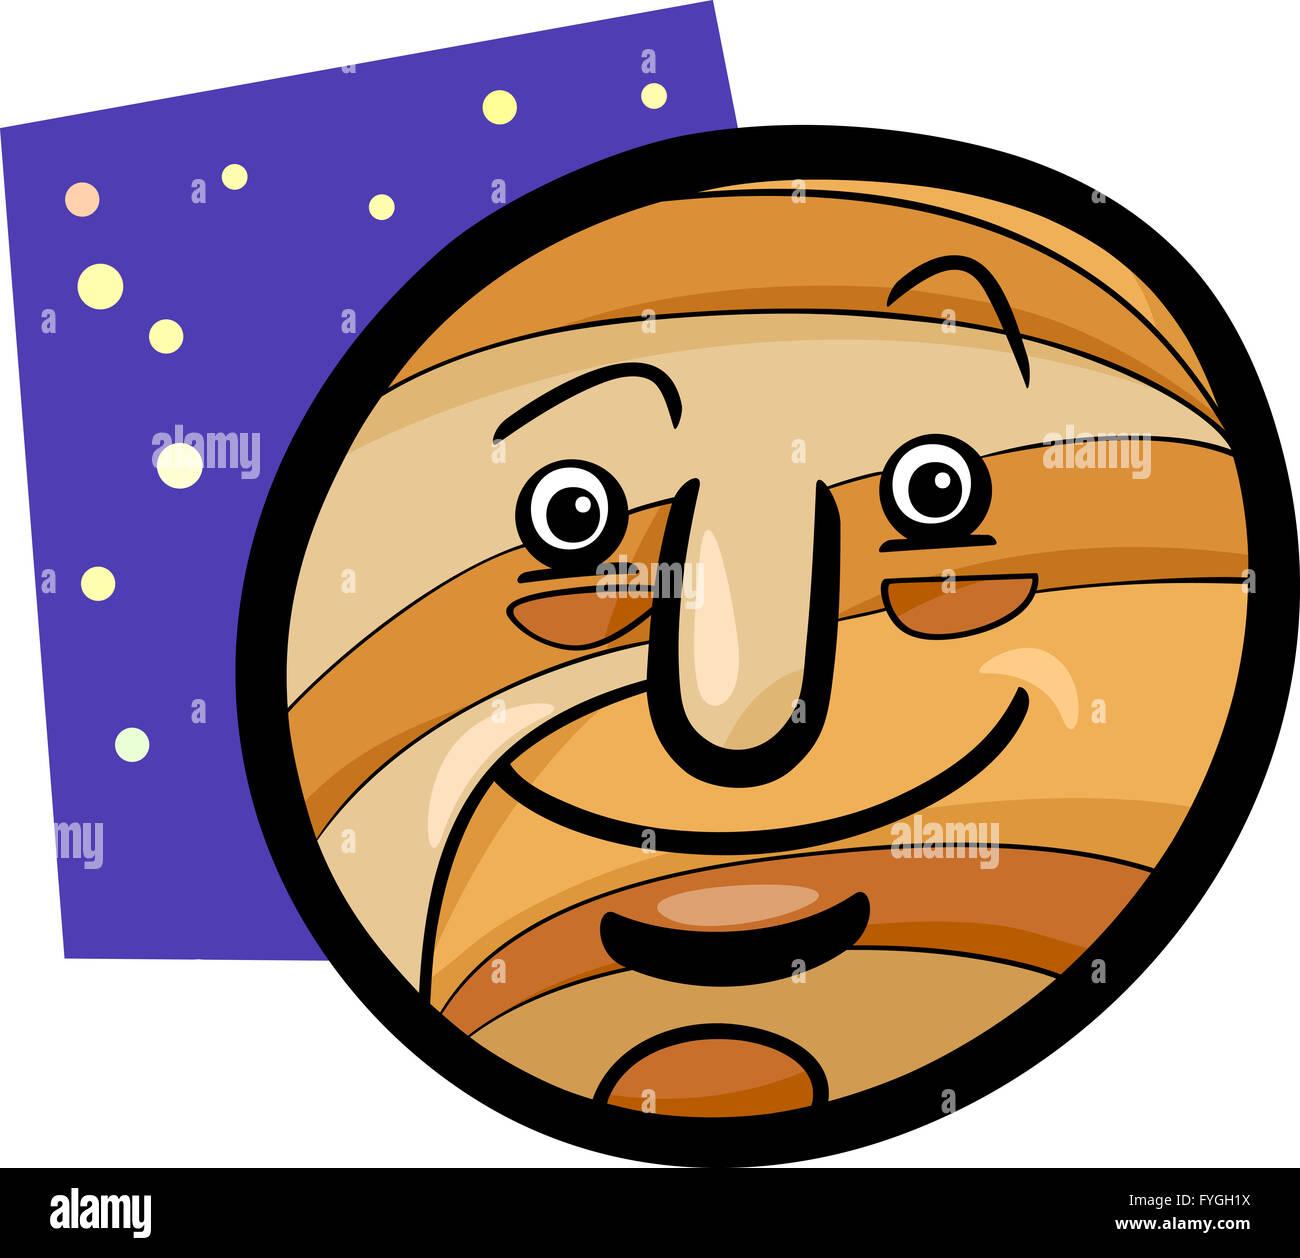 funny jupiter planet cartoon illustration - Stock Image